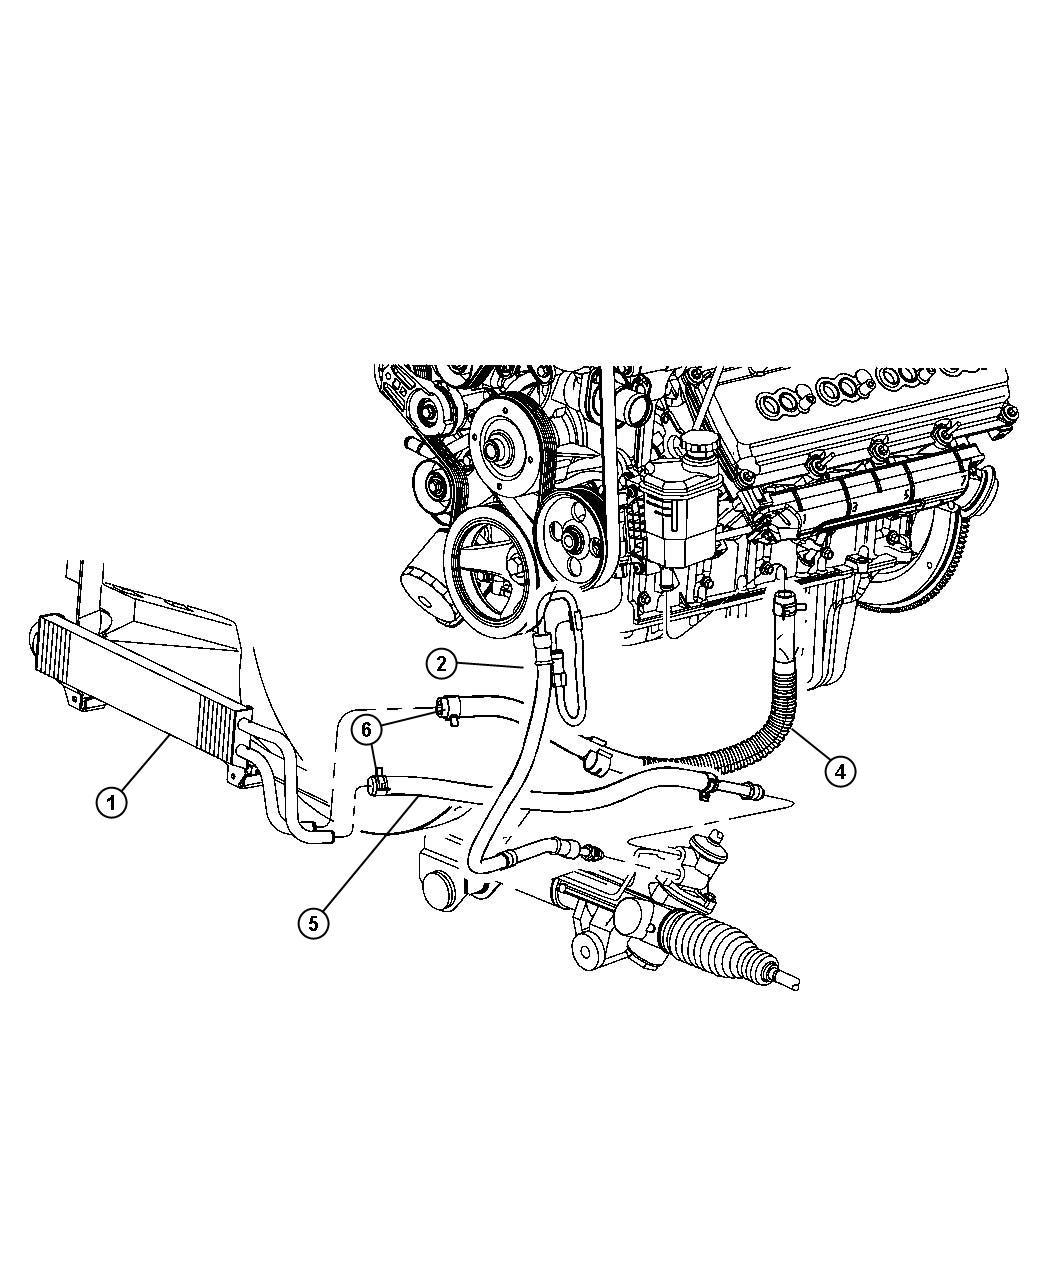 Dodge Ram Cooler Power Steering Hydrobooster